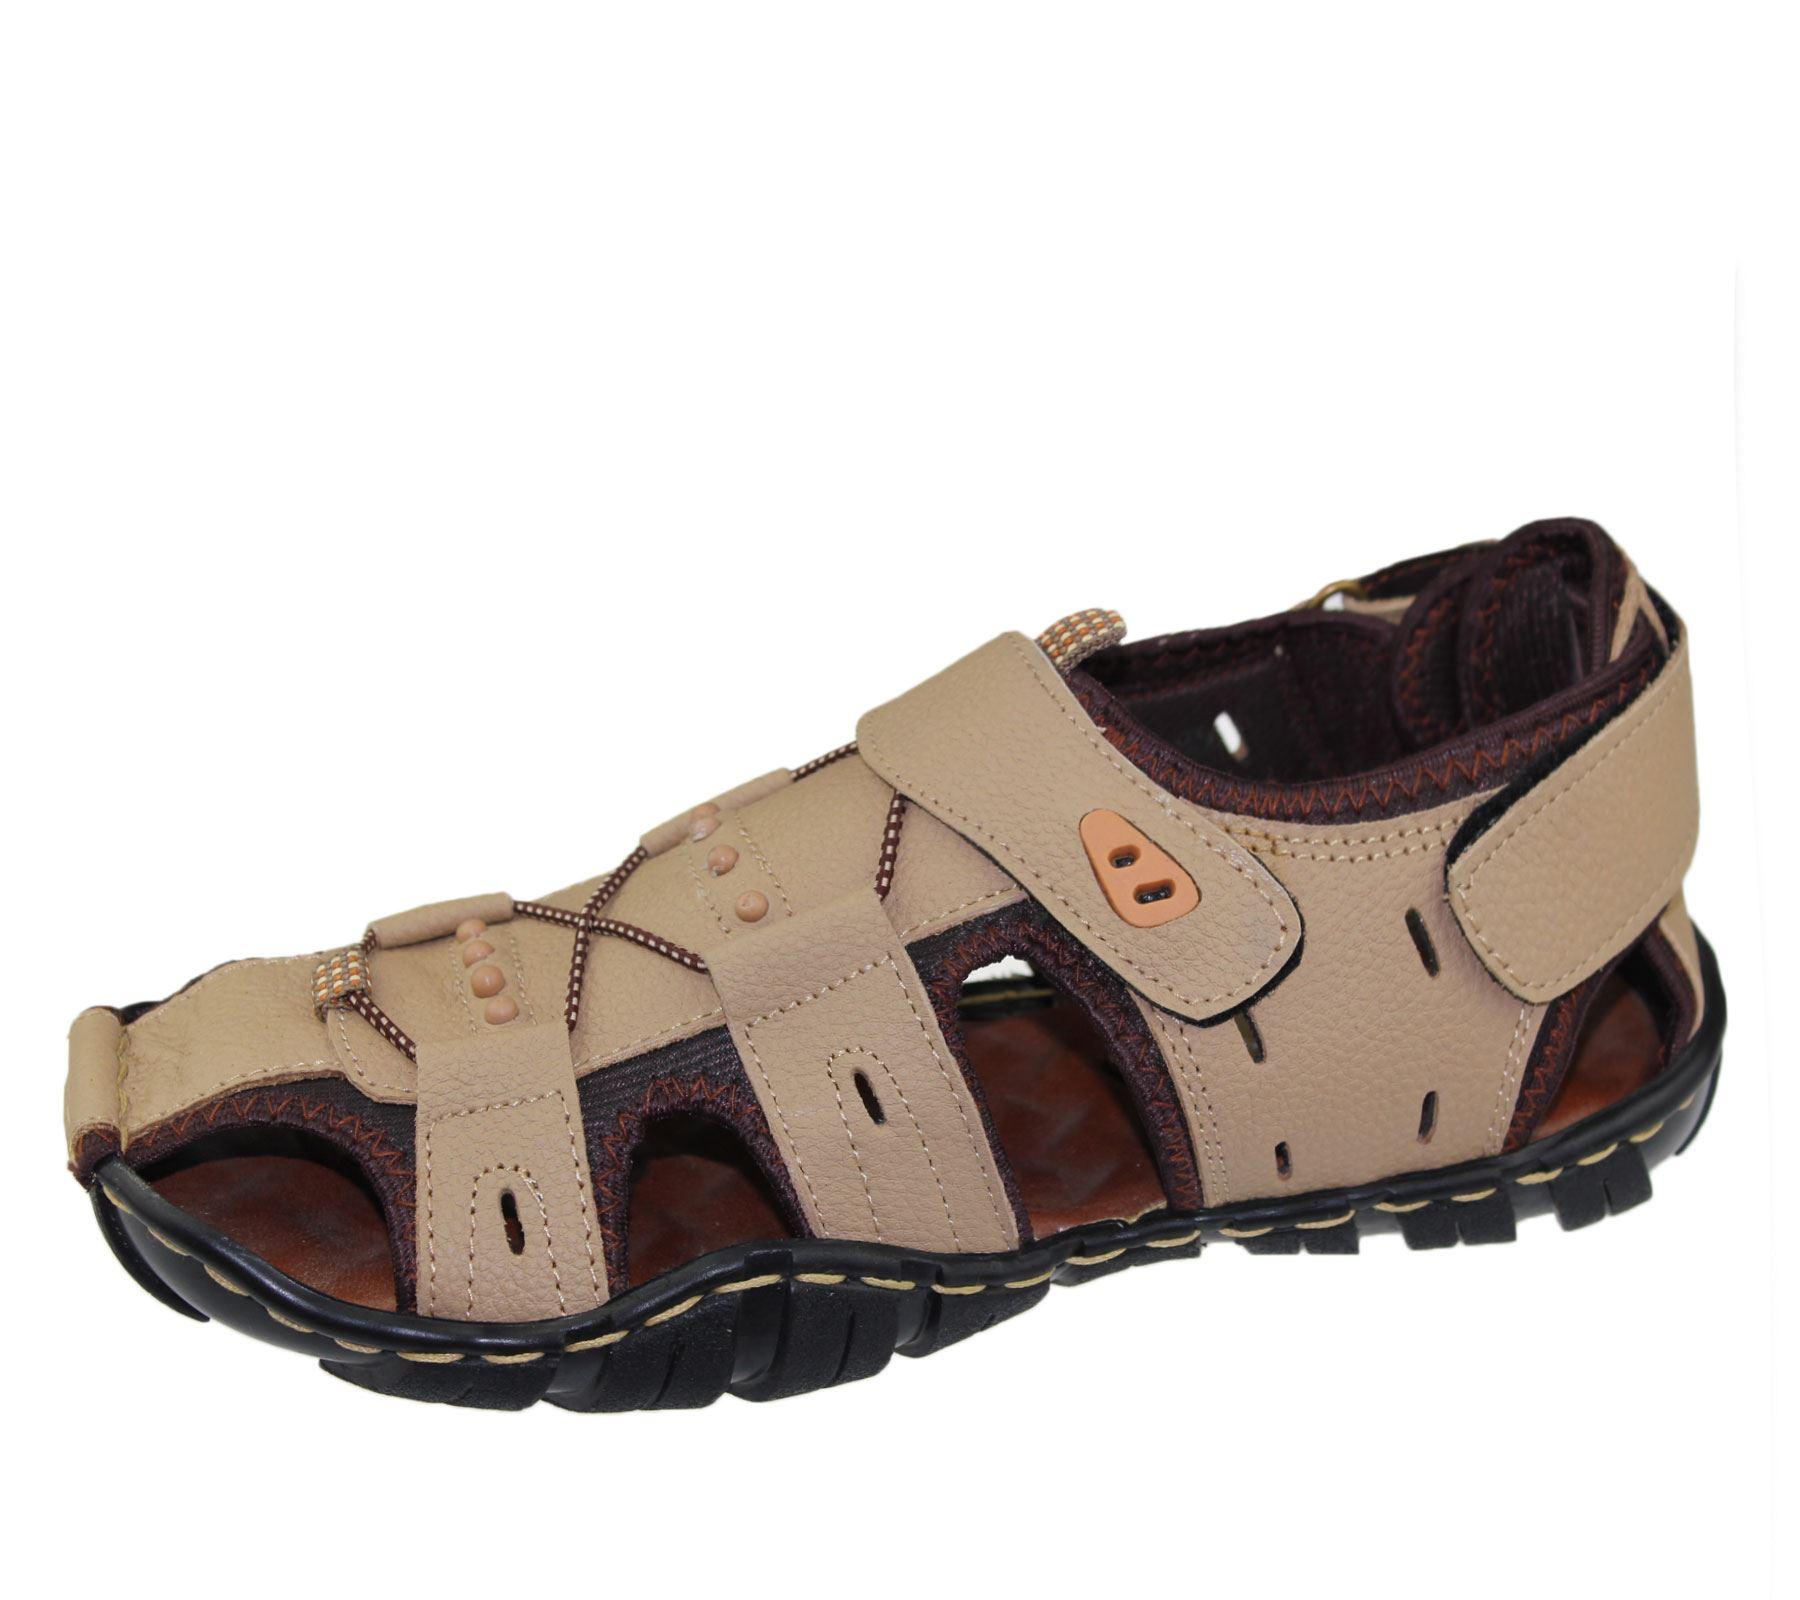 Mens-Sandal-Beach-Buckle-Walking-Fashion-Summer-Casual-Slipper miniatura 18